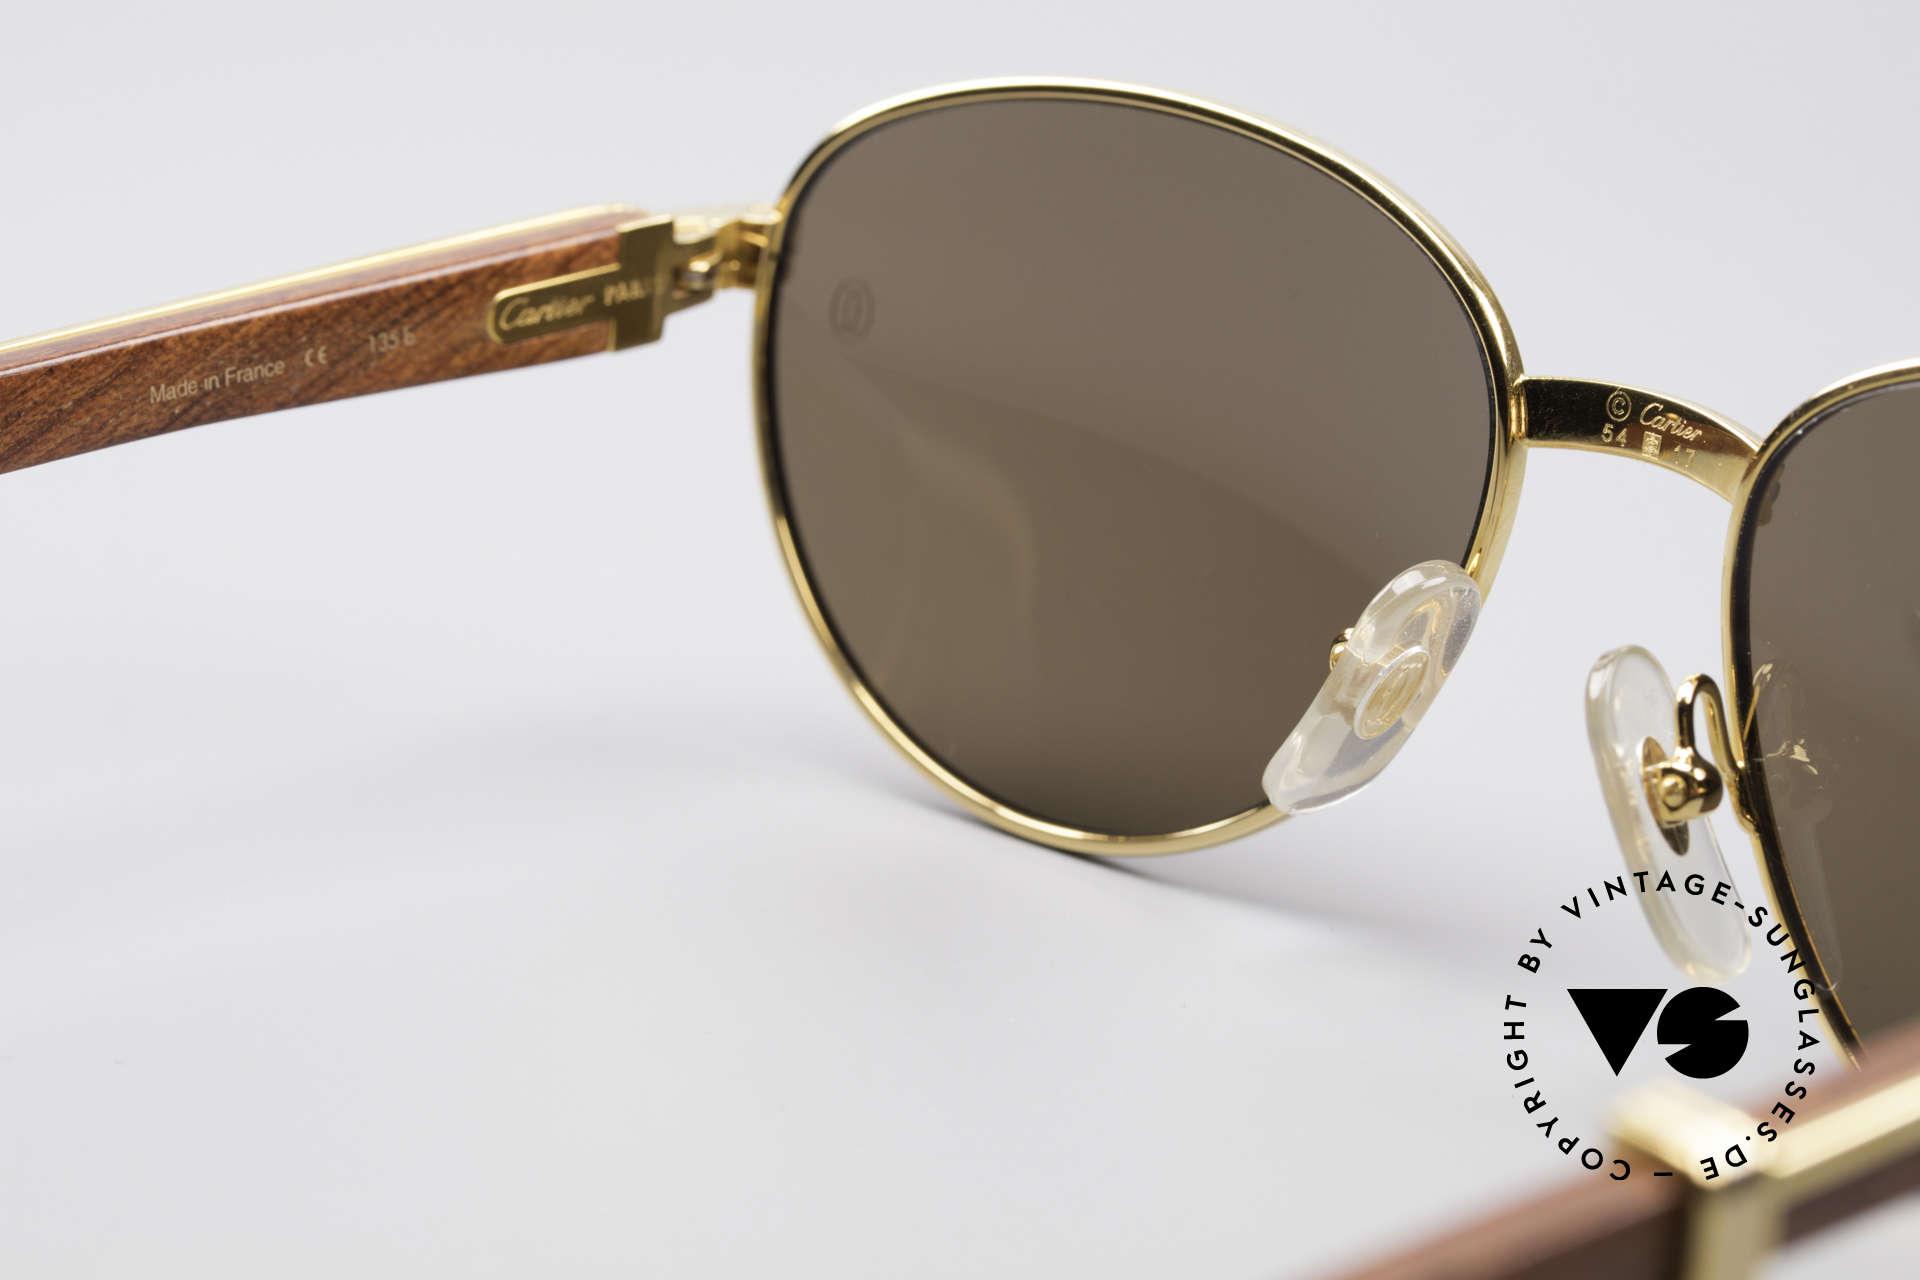 1d97af3a24 Sonnenbrillen Cartier Auteuil Panto Edelholz Sonnenbrille